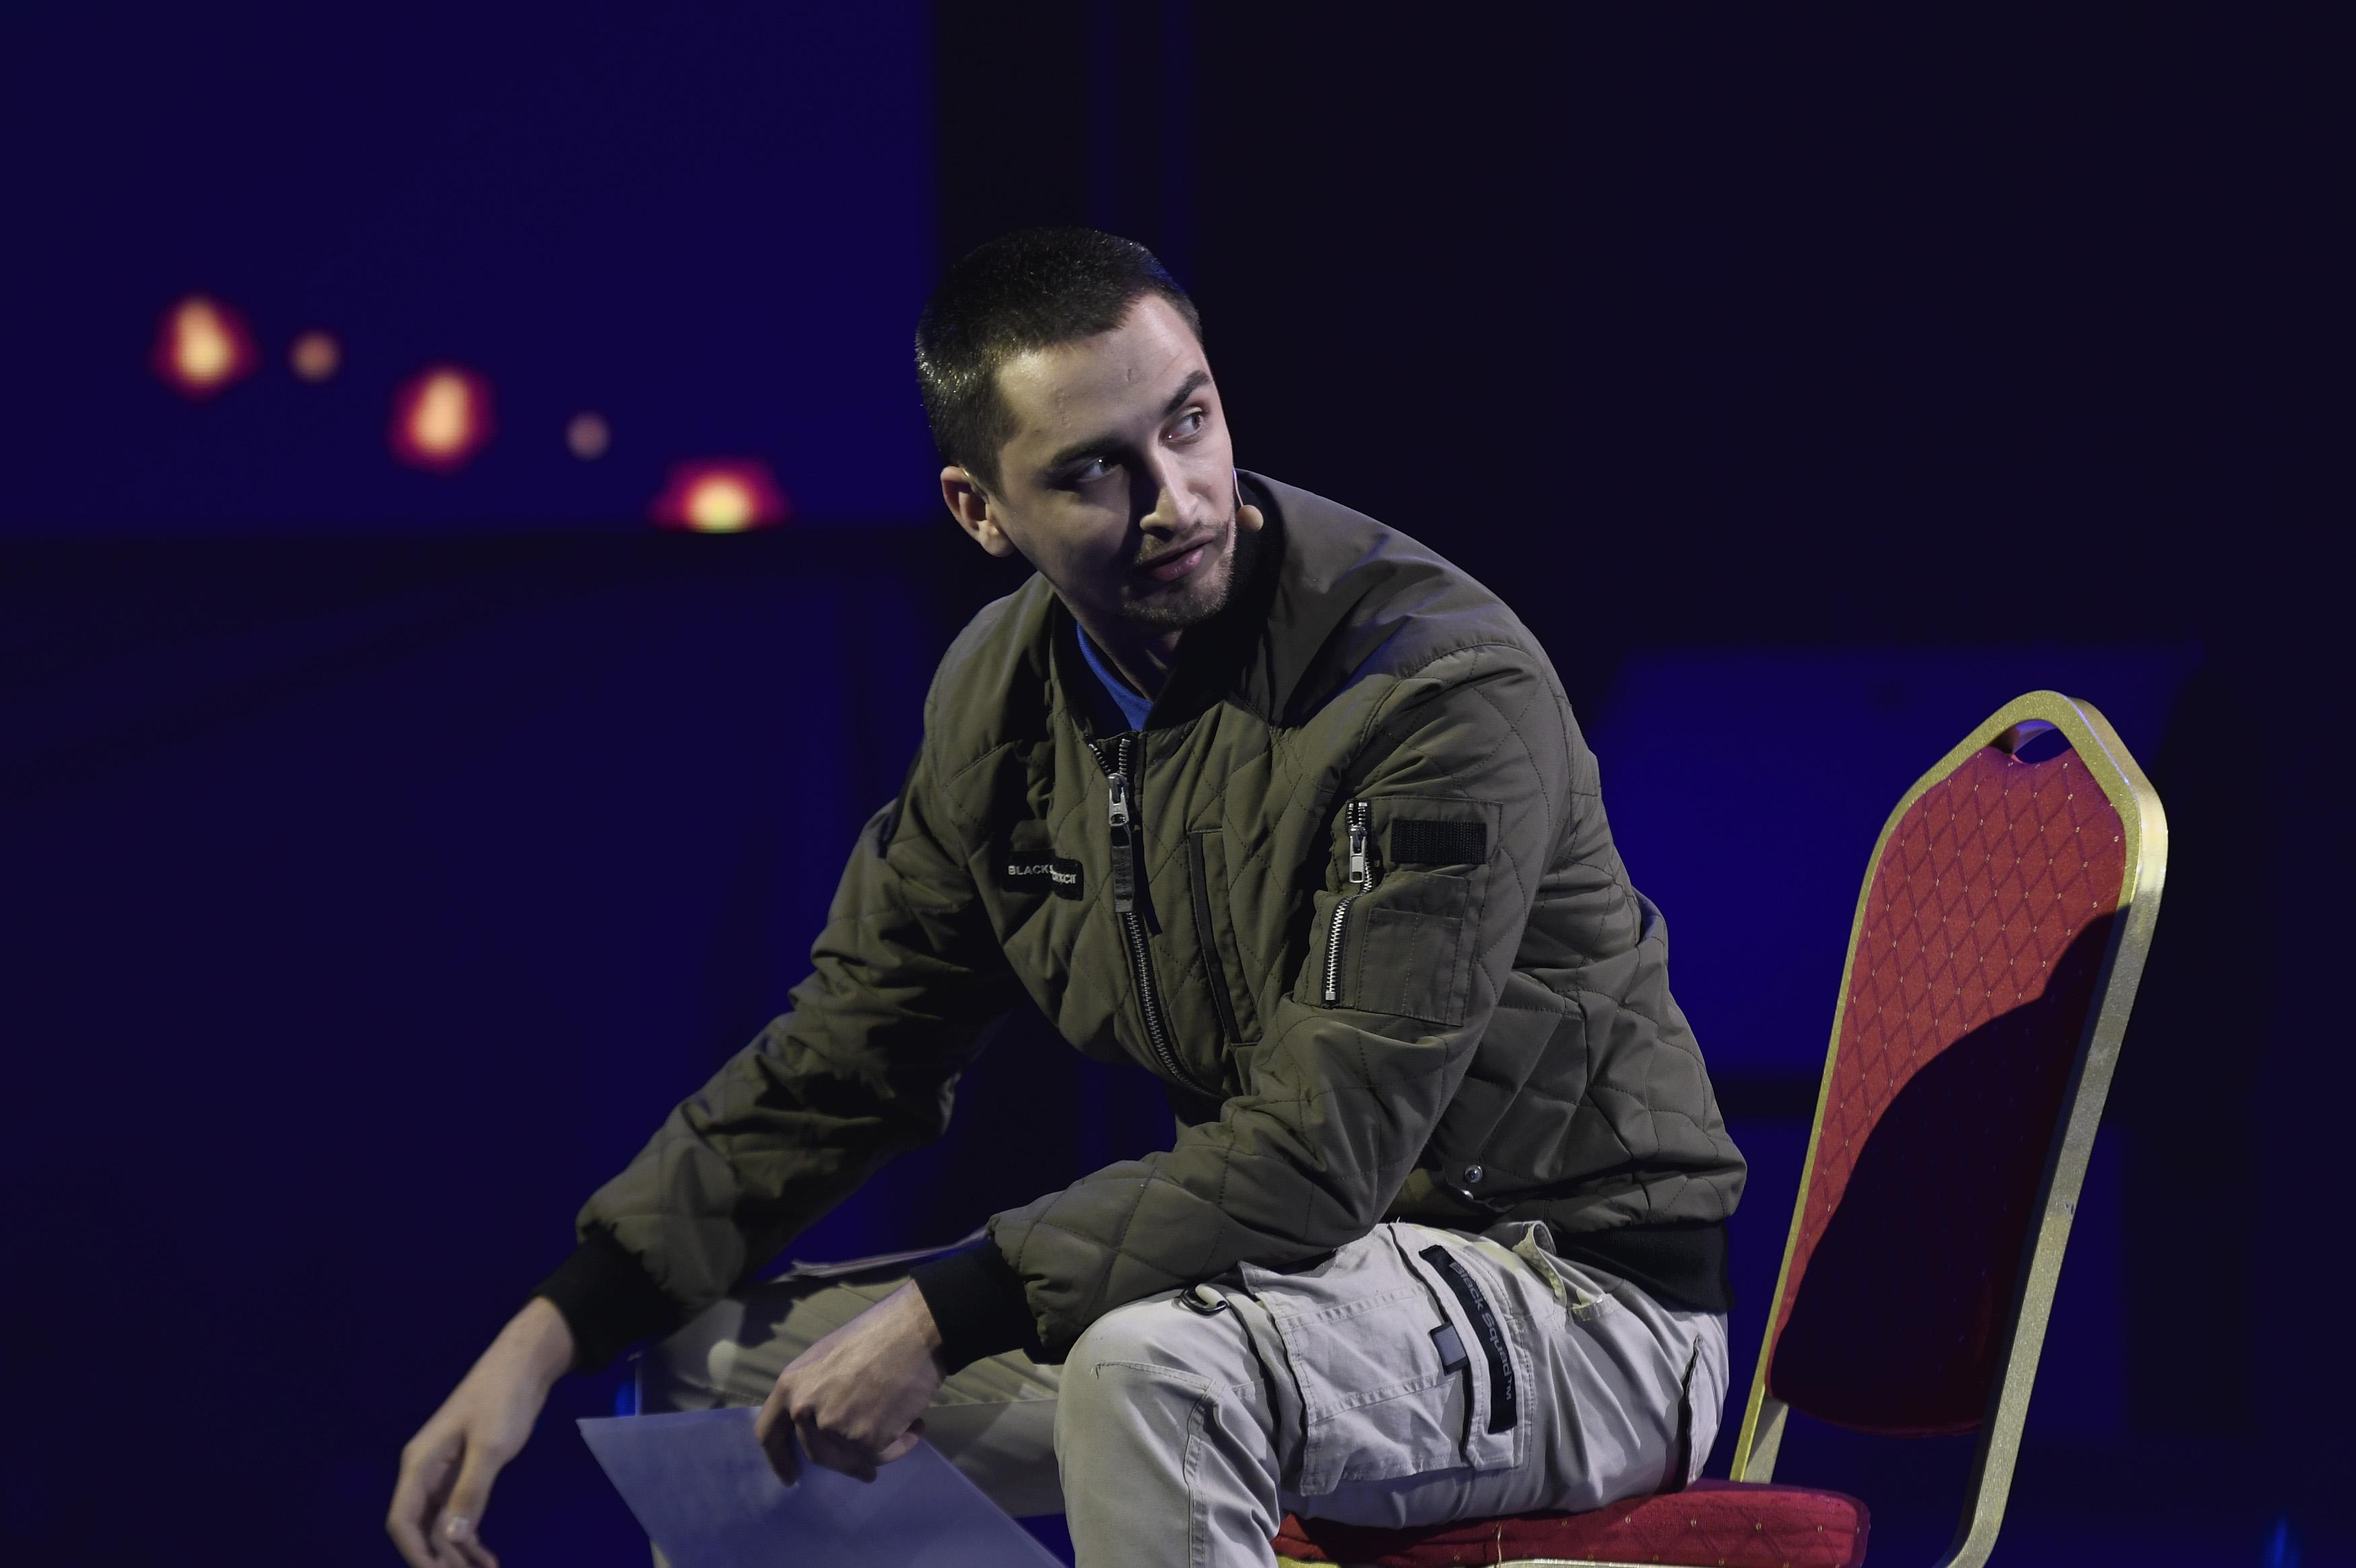 Finala iUmor 2020. Mădălin Ghioc a venit pe scenă cu un număr spectaculos, care a surprins jurații